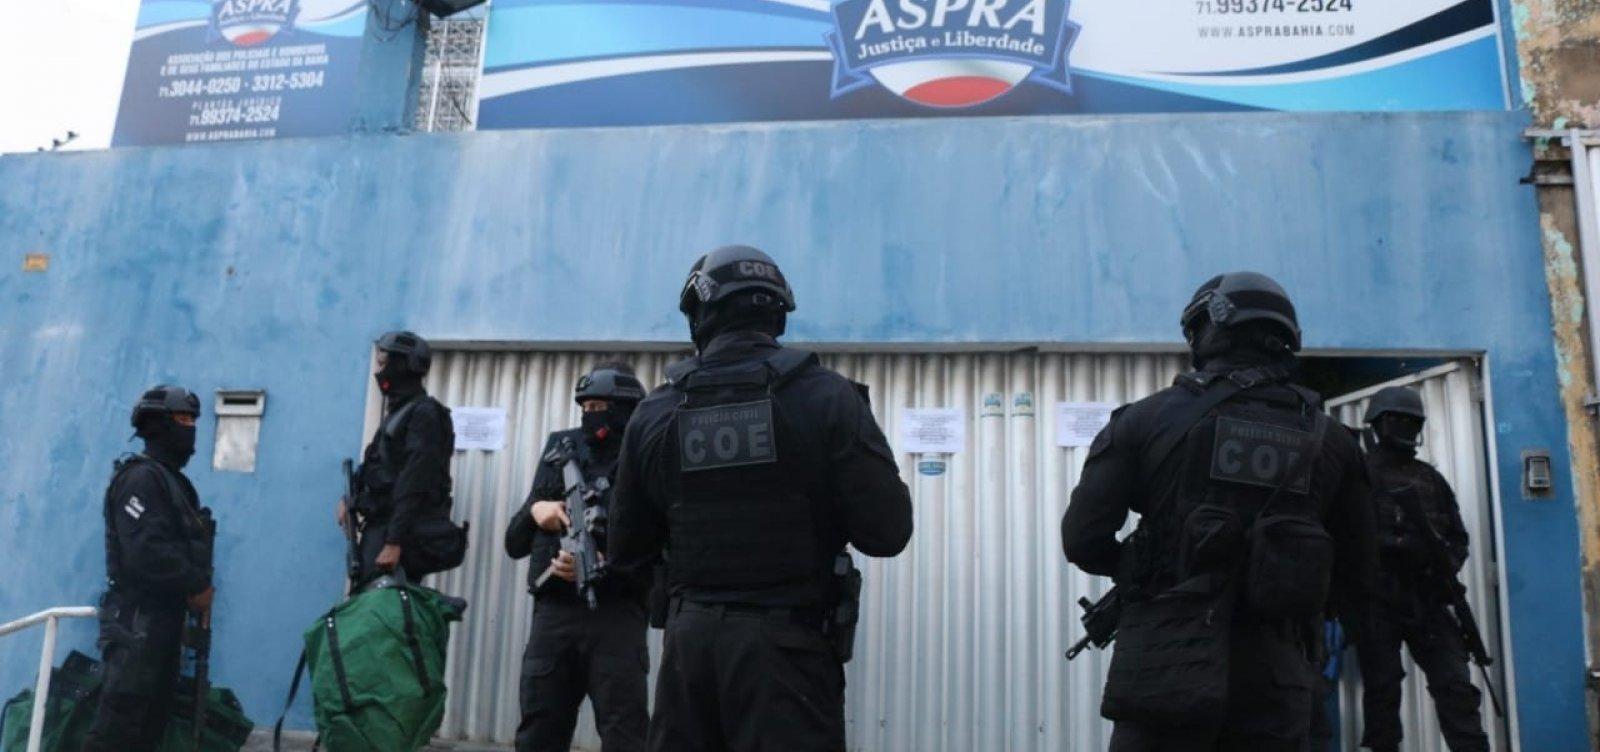 TJ-BA determina reabertura das sedes da Aspra, mas proíbe greve